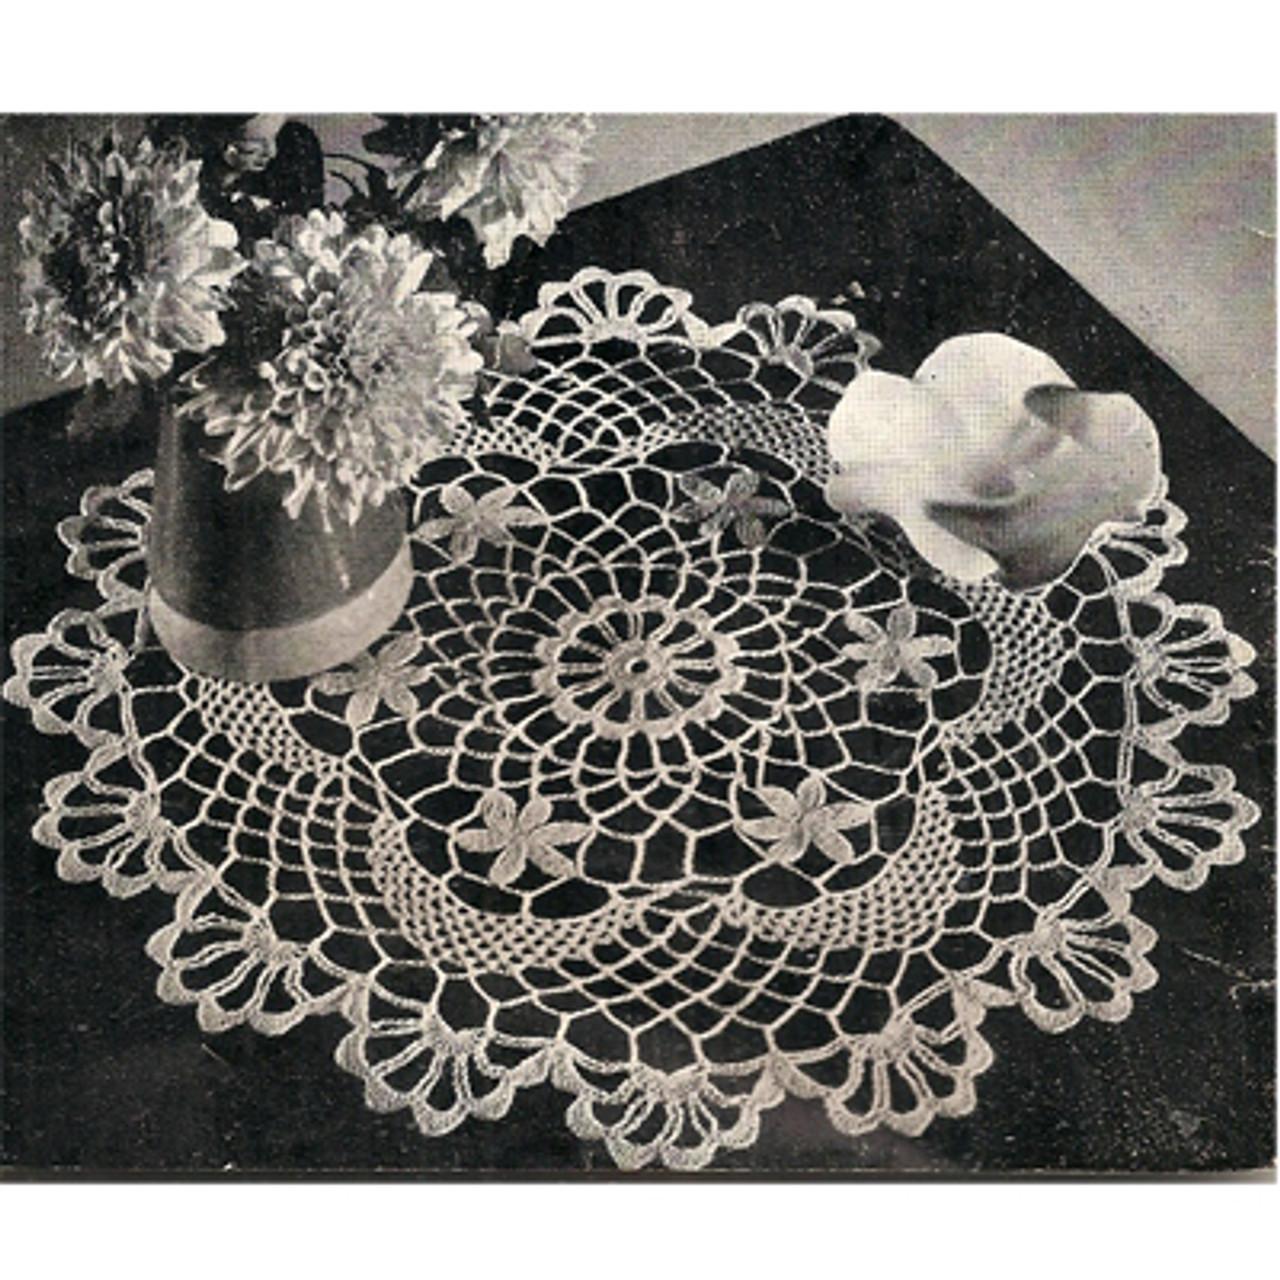 Daisy Shell Crocheted Doily Pattern